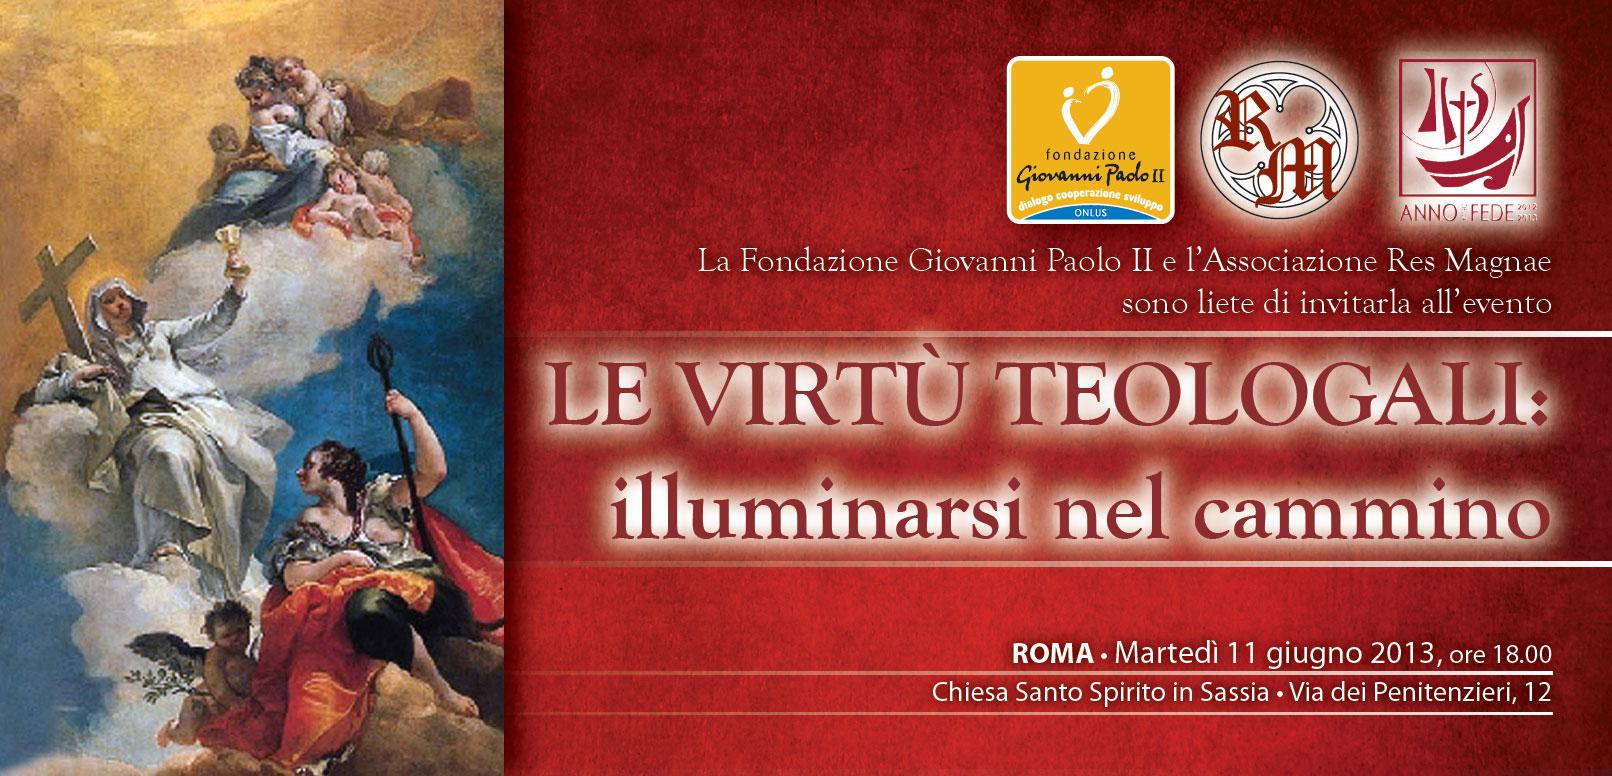 Le virtù teologali (1)